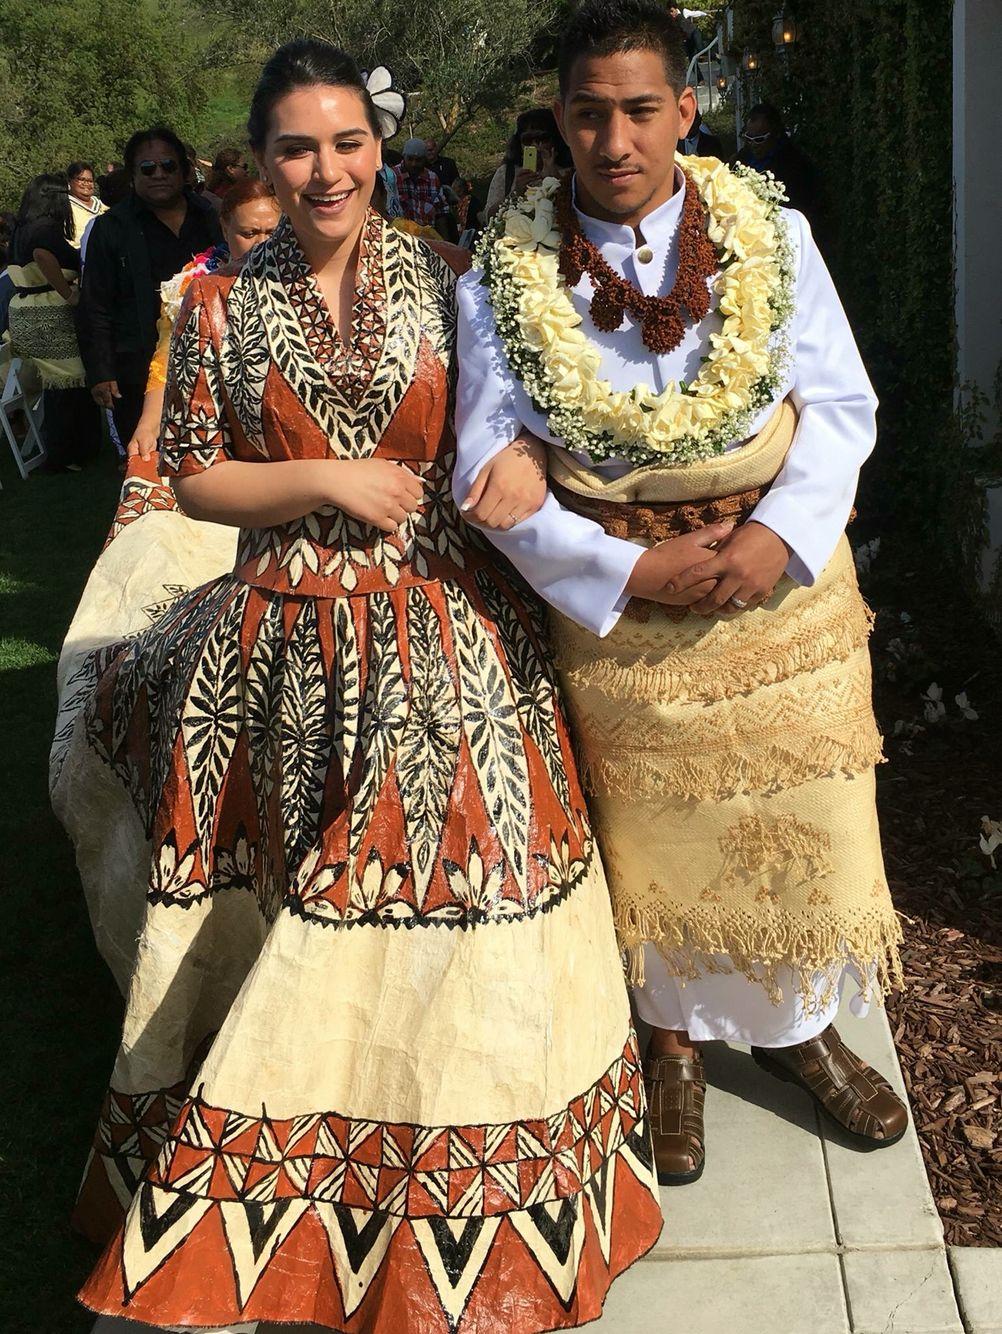 Tongan couple on their wedding day | Polynesian wedding